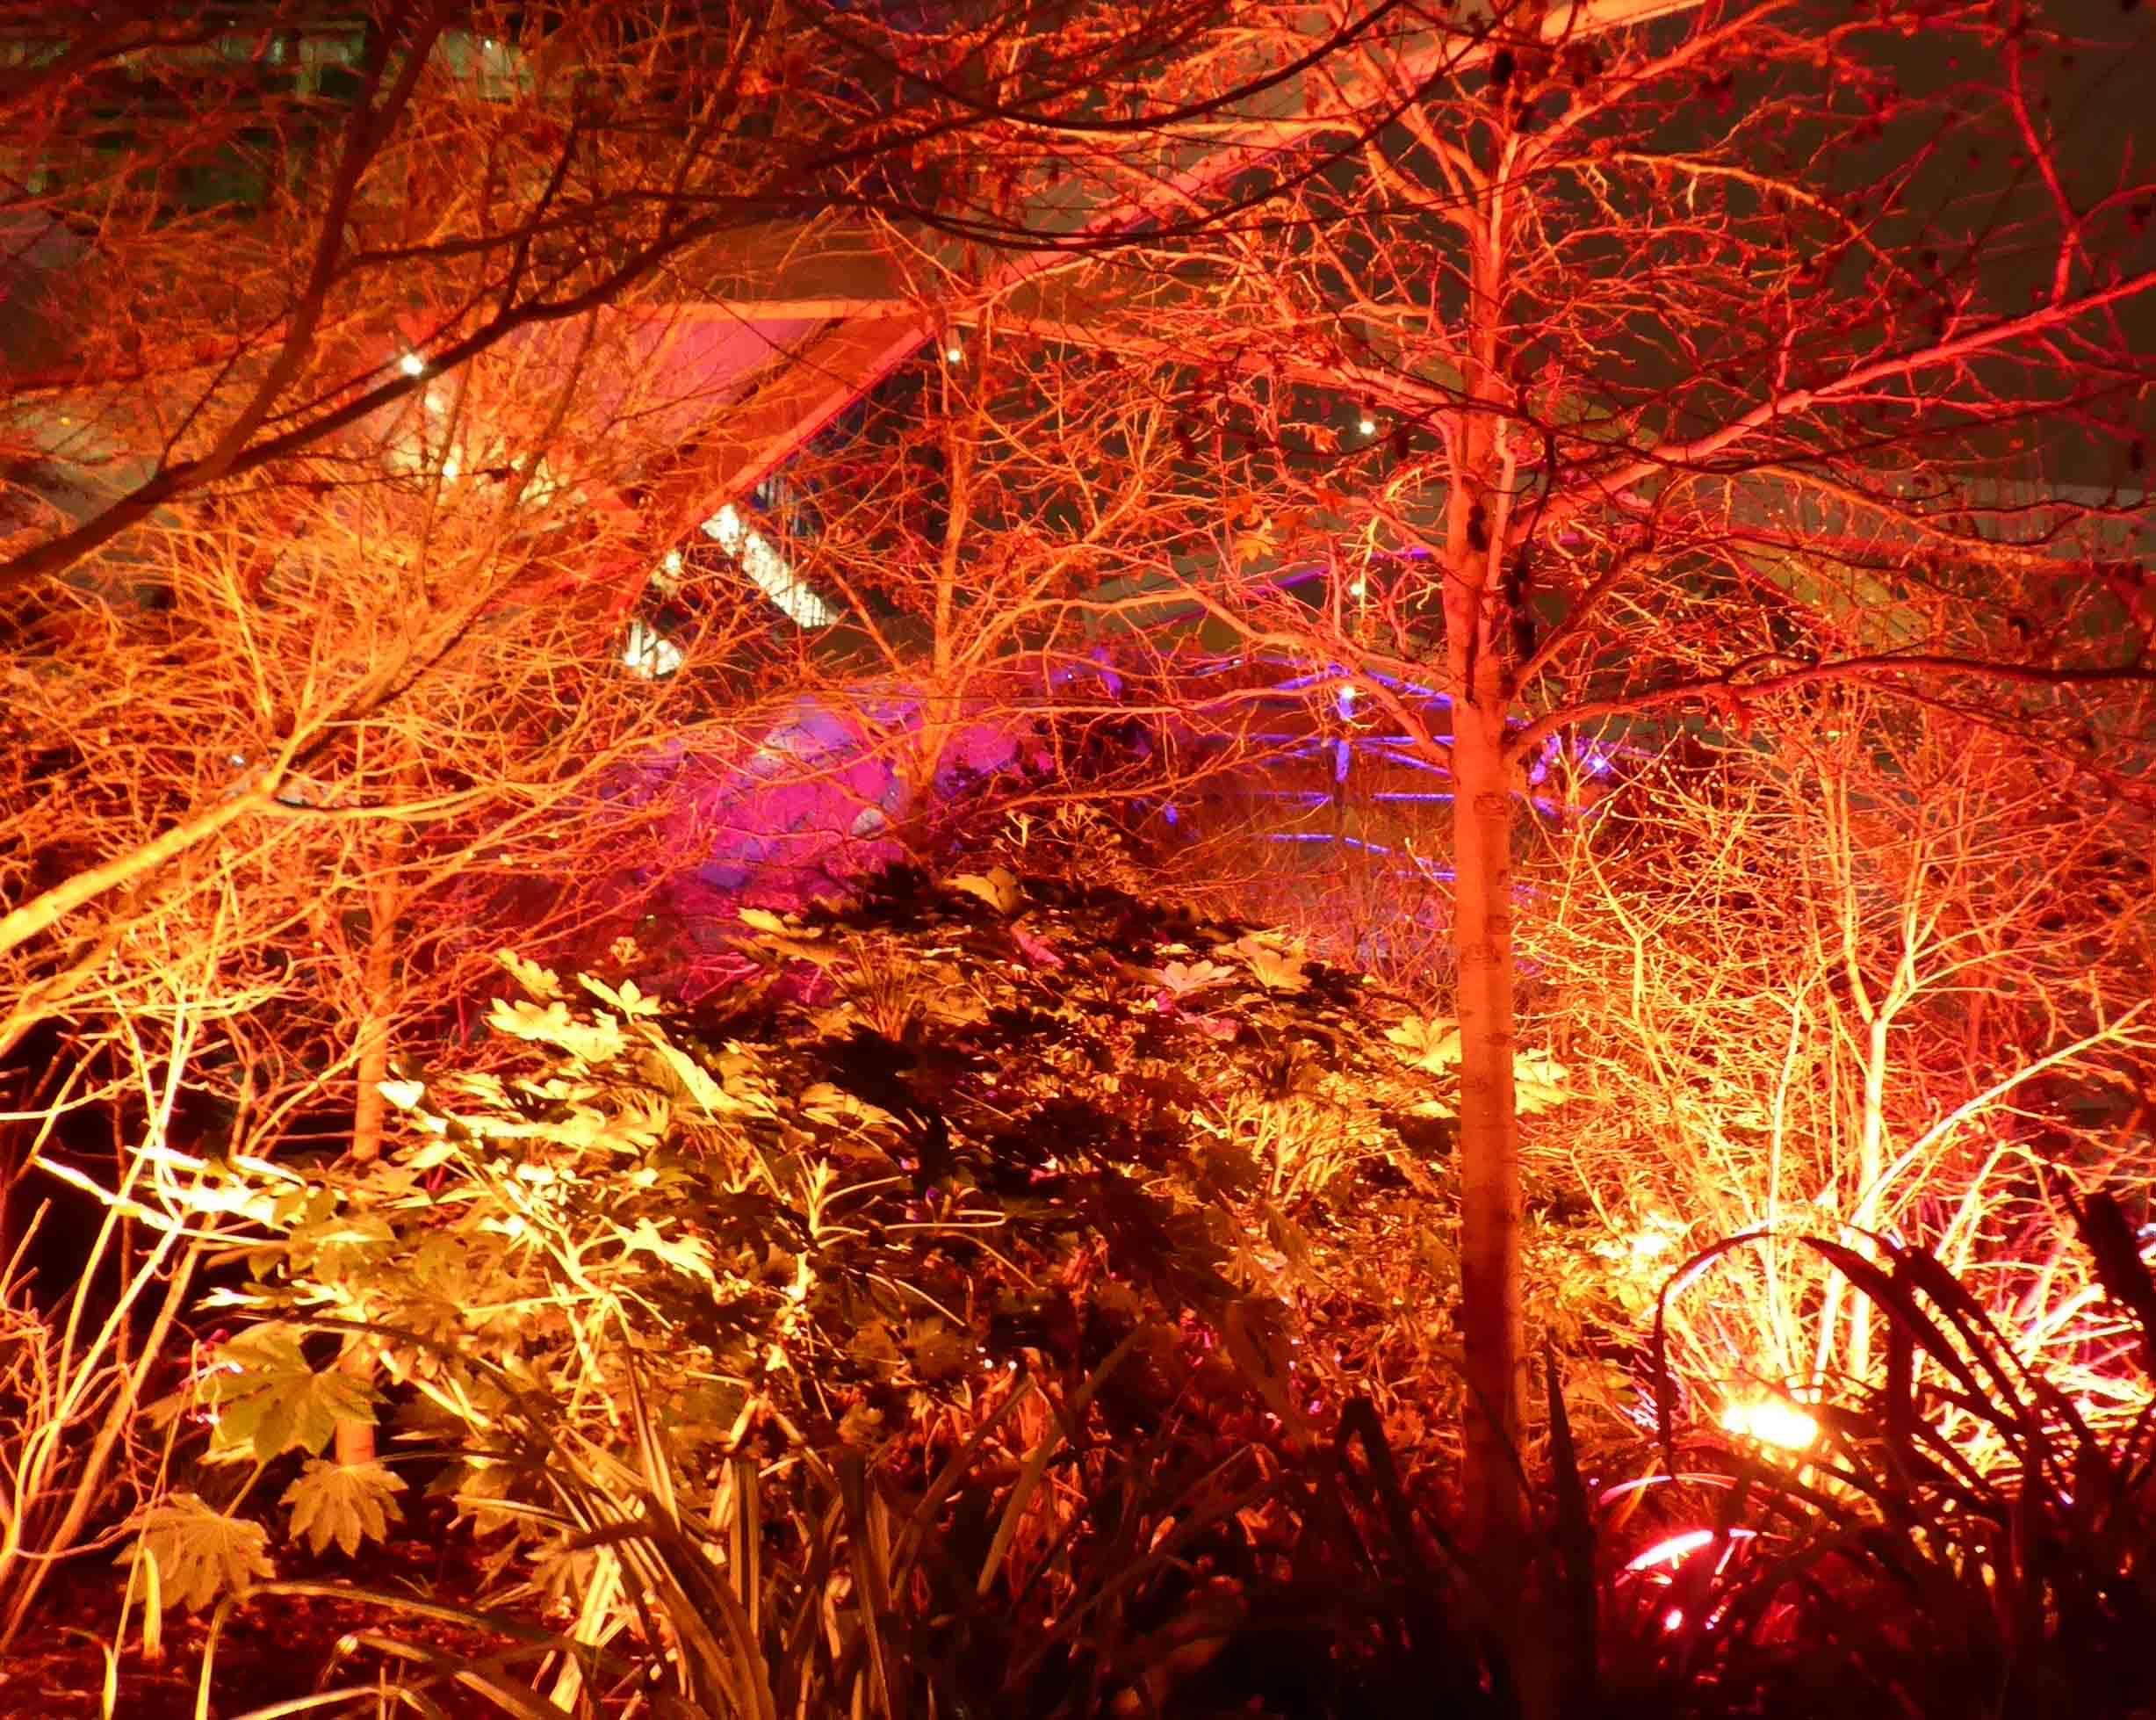 Bare trees illuminated in orange